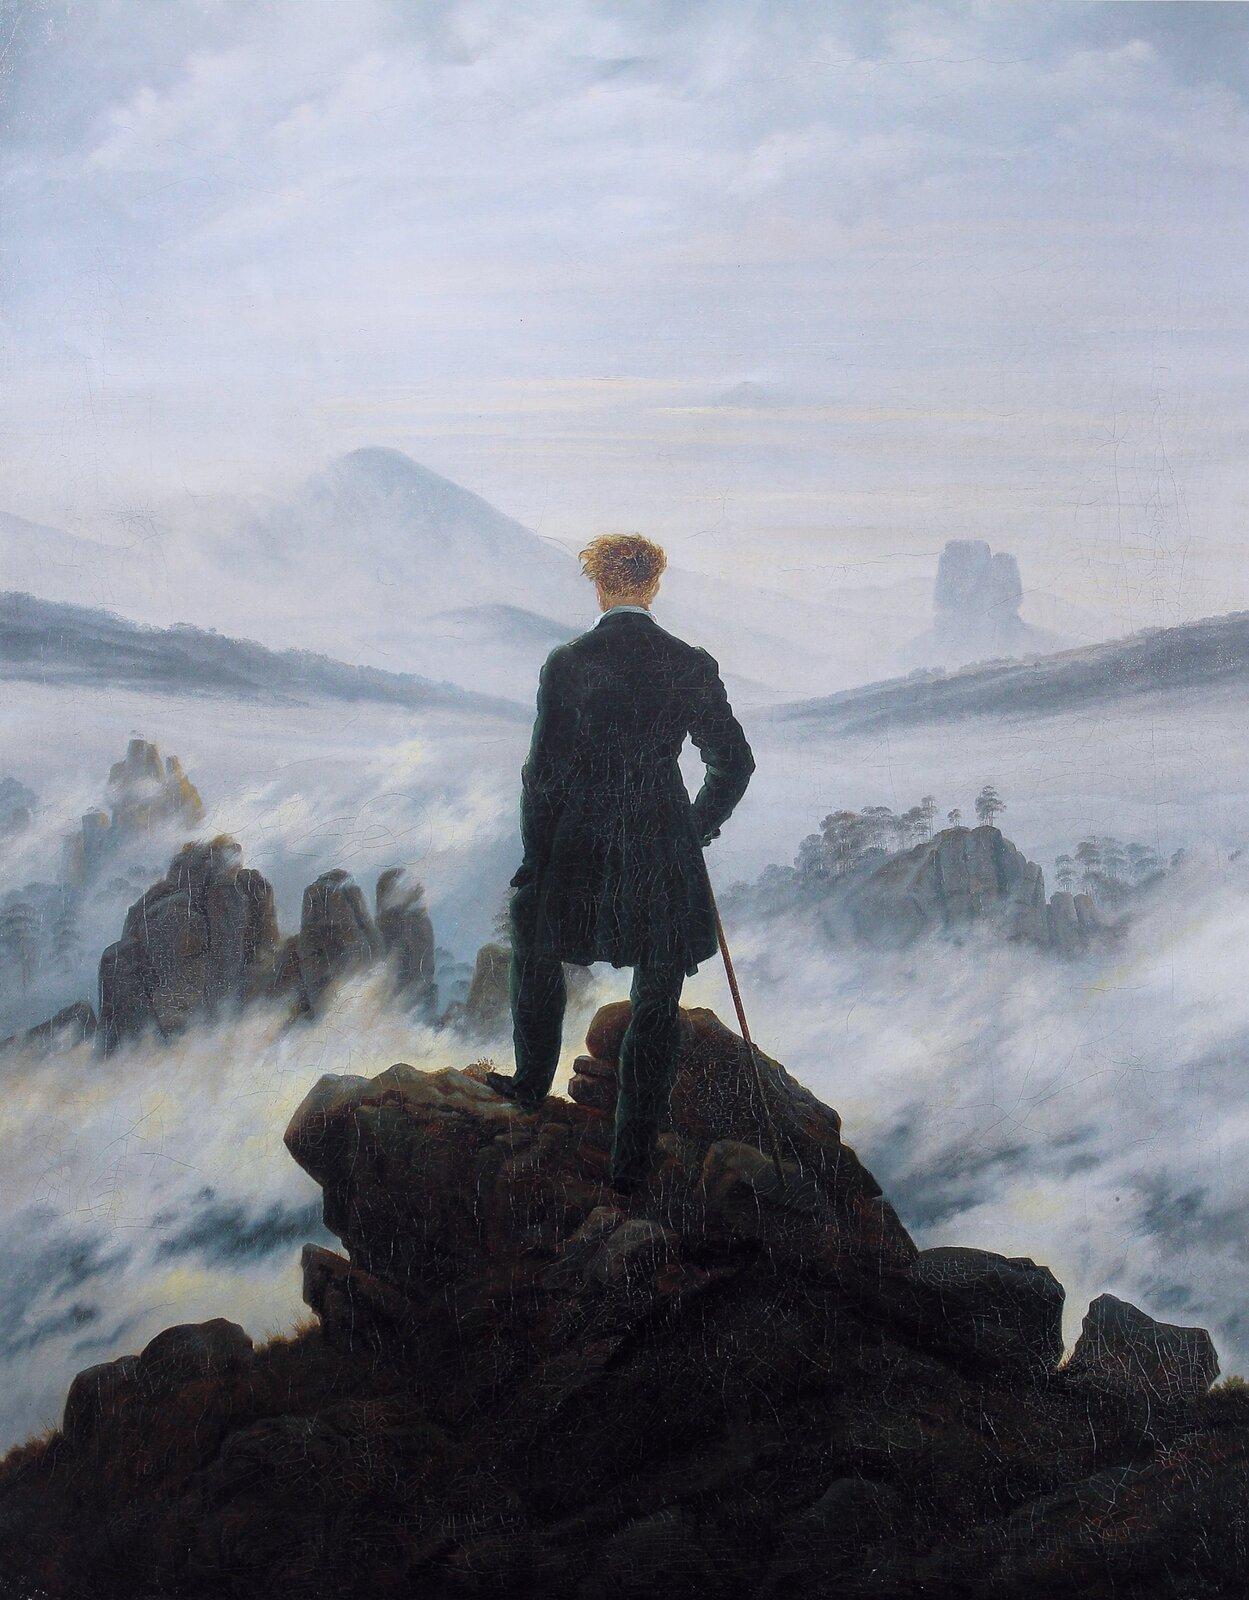 Wędrowiec nad morzem mgły Źródło: Caspar David Friedrich, Wędrowiec nad morzem mgły, 1818, olej na płótnie, Kunsthalle wHamburgu, domena publiczna.